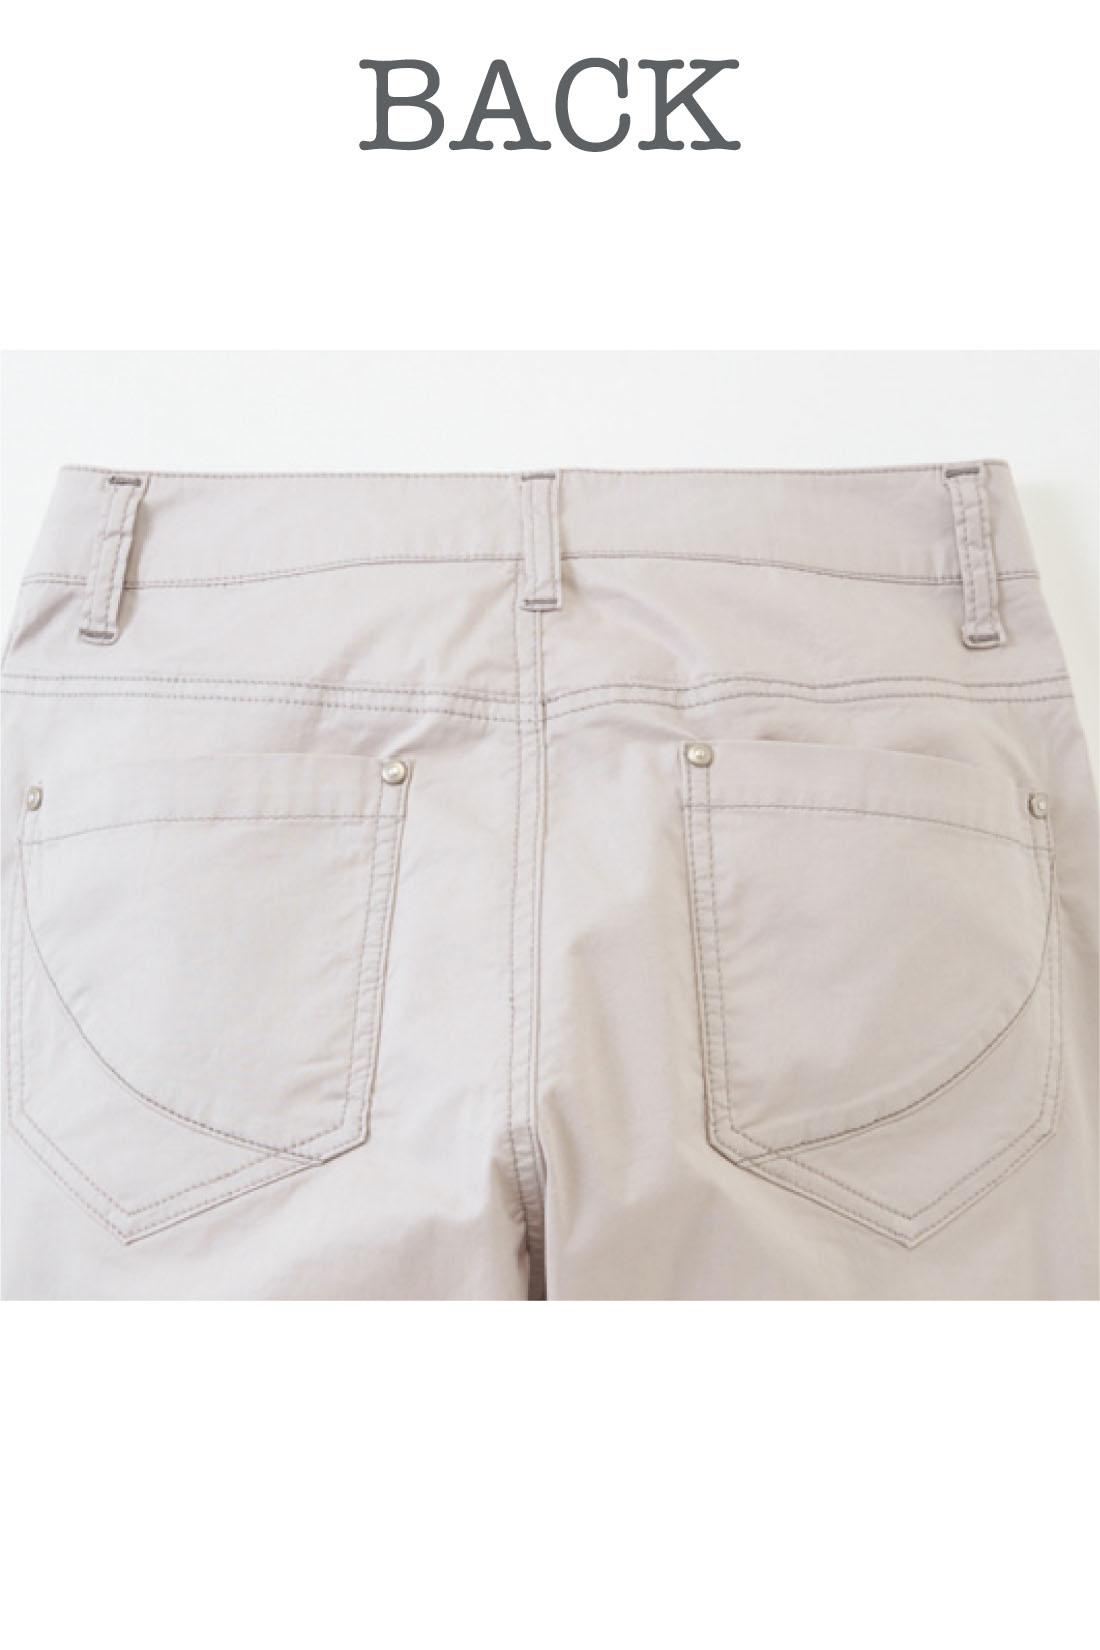 ヨーク切り替えや、ポケットのステッチで、小尻見えも抜群。 ※お届けするカラーとは異なります。 ※お届けするカラーとは異なります。